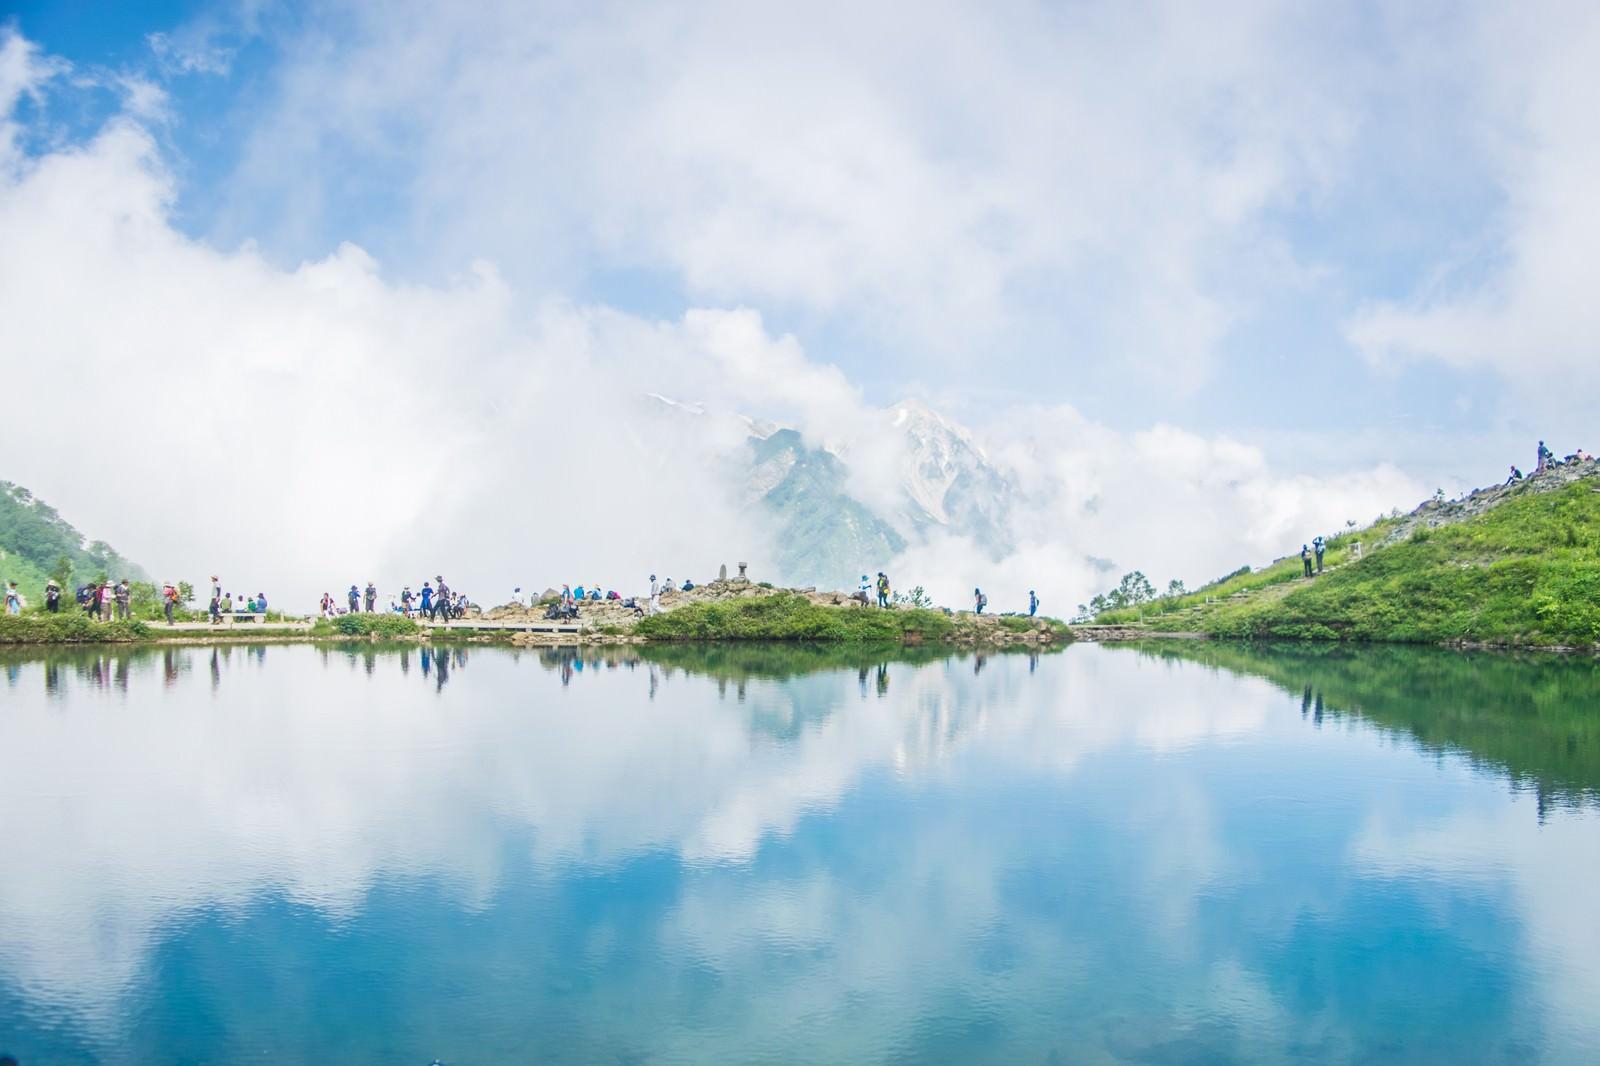 「沸き立つ雲のリフレクションと登山者の列」の写真